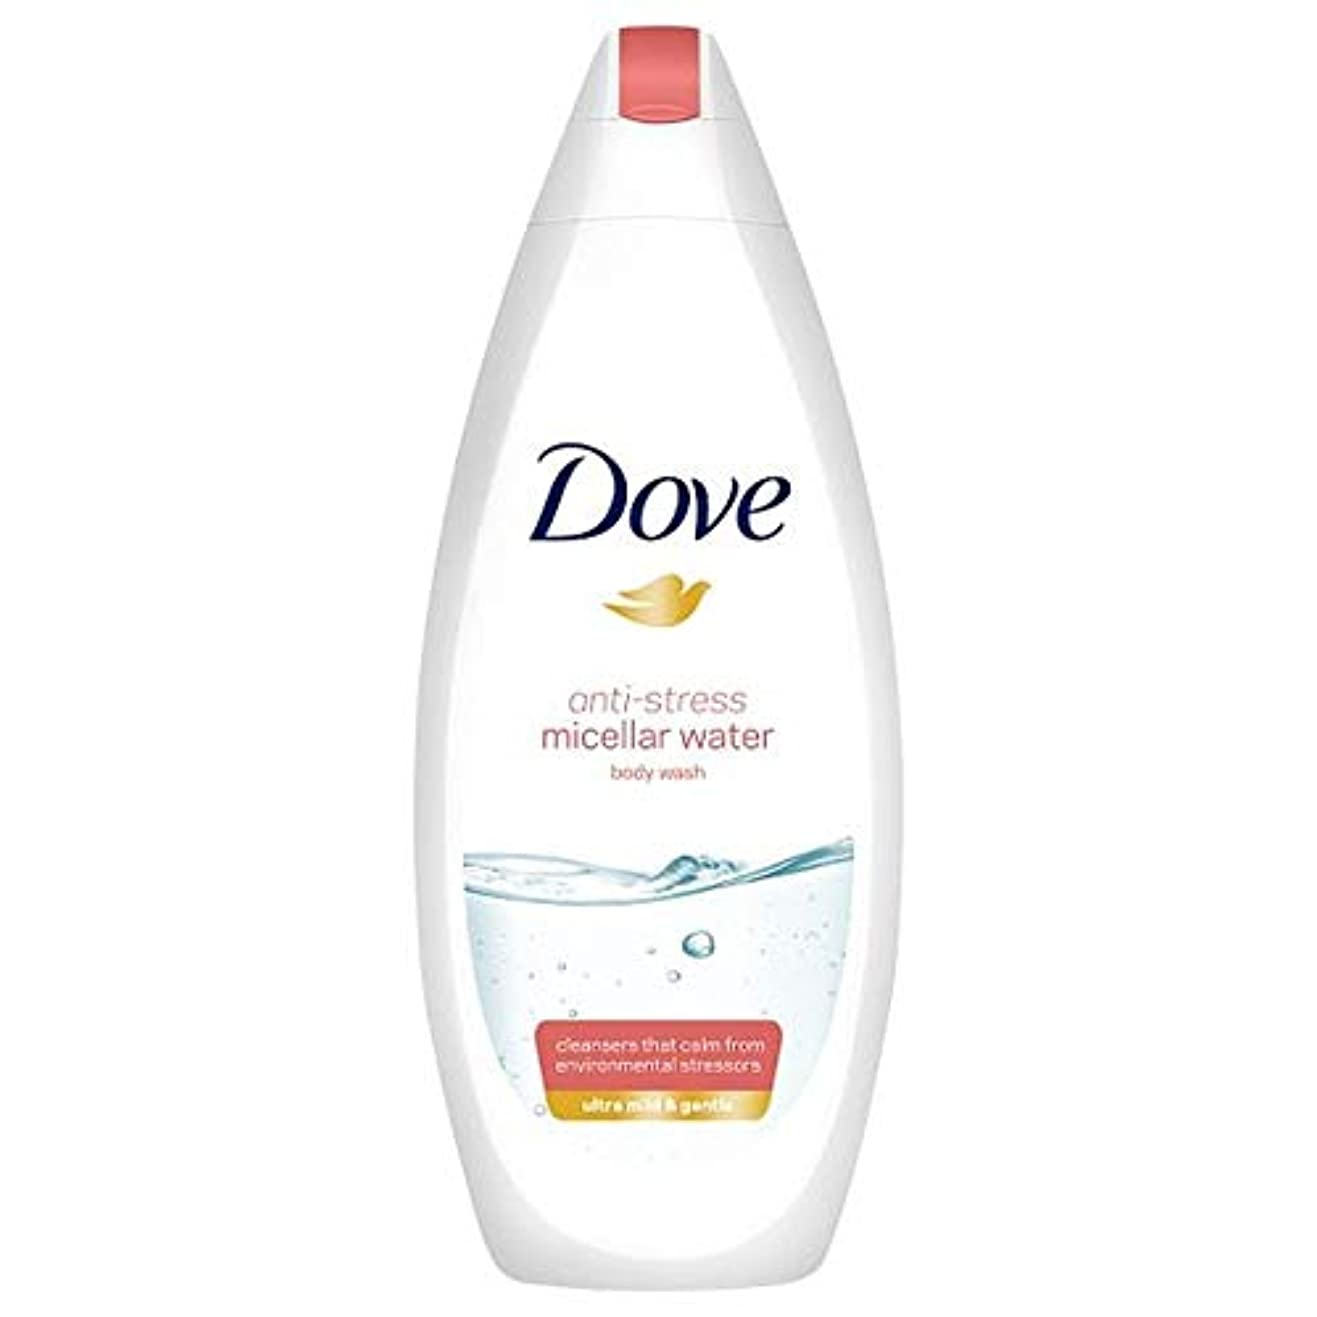 期待冗長ヒューバートハドソン[Dove] 鳩ミセルボディウォッシュ抗ストレス500ミリリットル - Dove Micellar Body Wash Anti Stress 500Ml [並行輸入品]